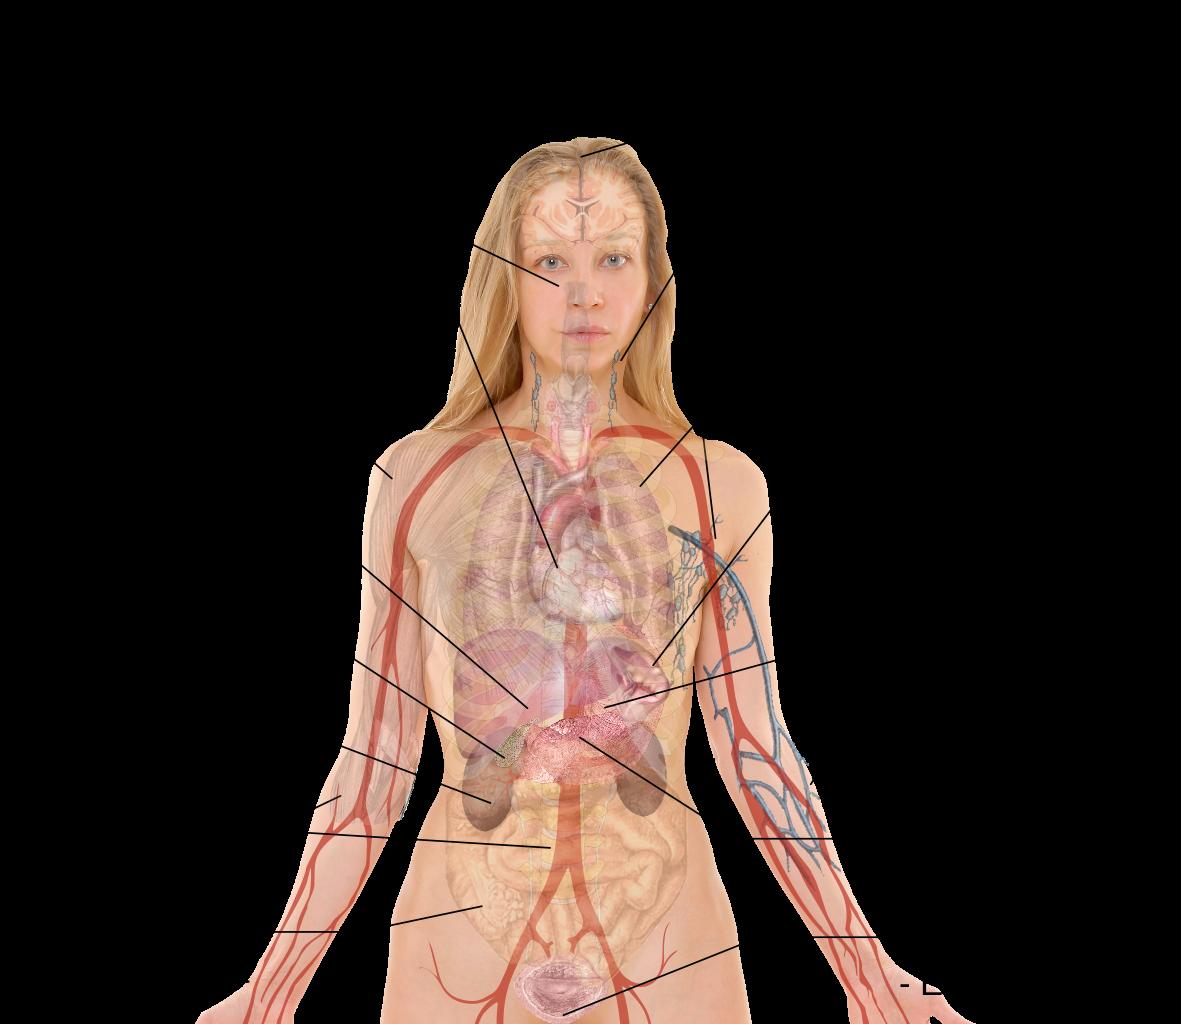 anatomy human body organs female | Tempat untuk Dikunjungi ...